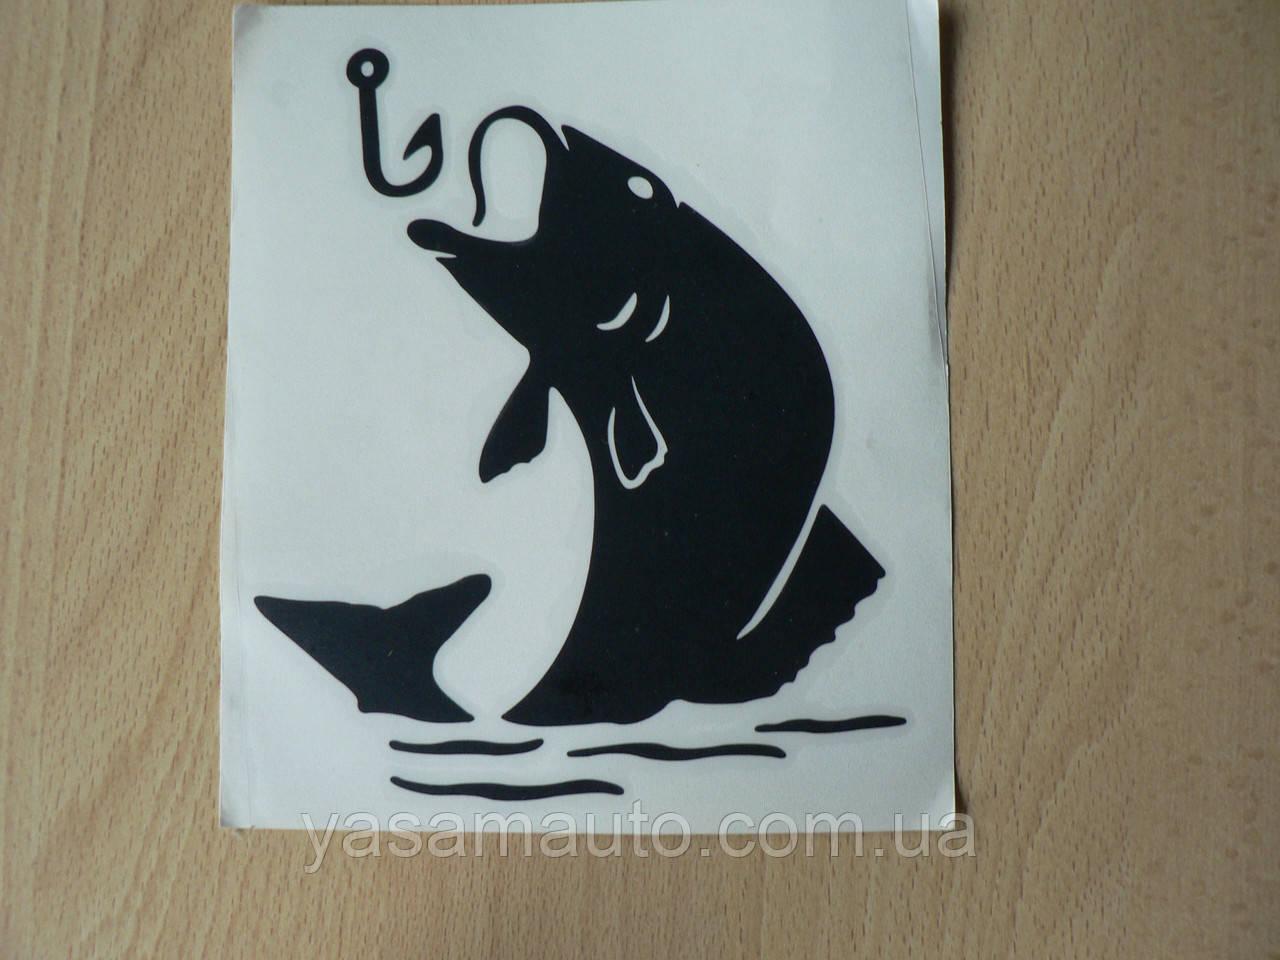 Наклейка vc Рыба черная 123х148мм рыбак в воде с крючком рыбалка на крючке виниловая контурная авто